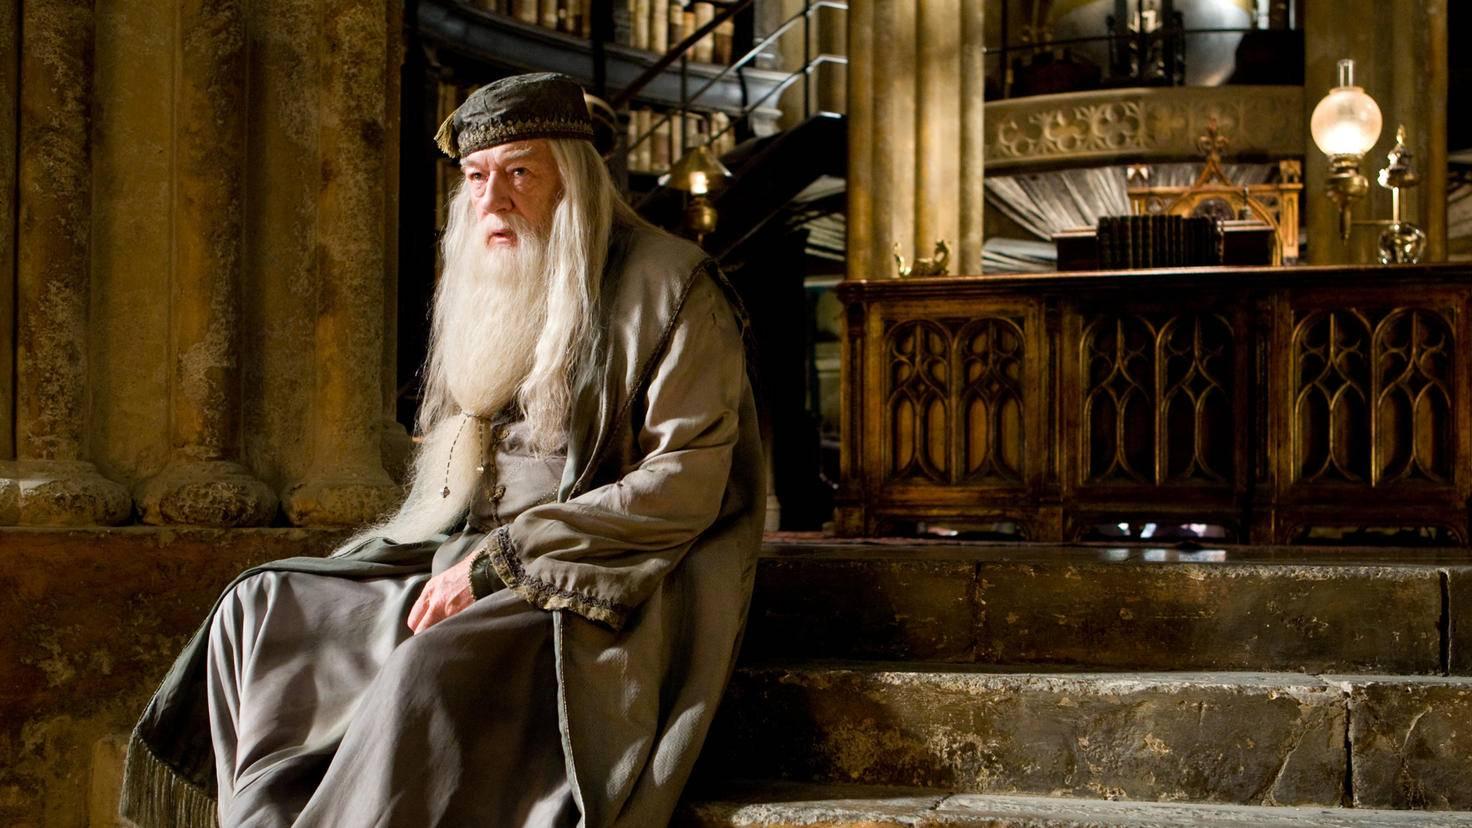 Harry Potter Die Machtigsten Und Starksten Zauberer Im Harry Potter Universum